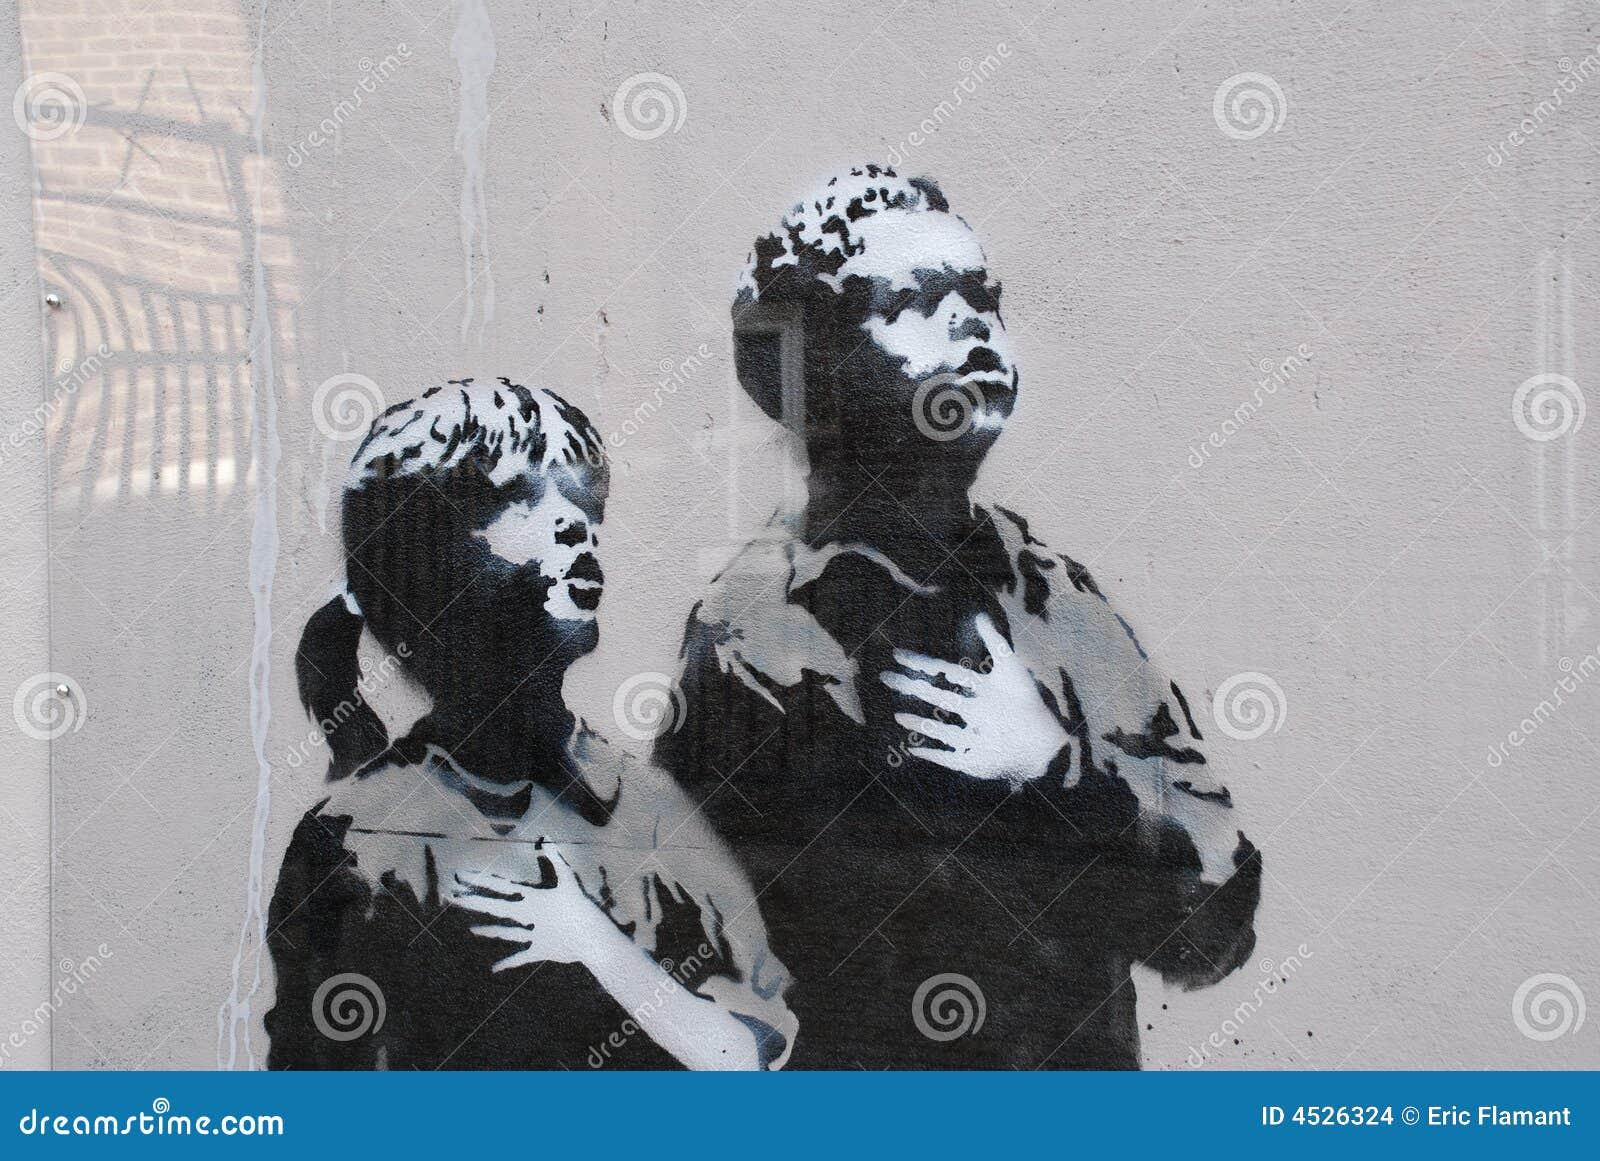 Banksy neuf - groupe